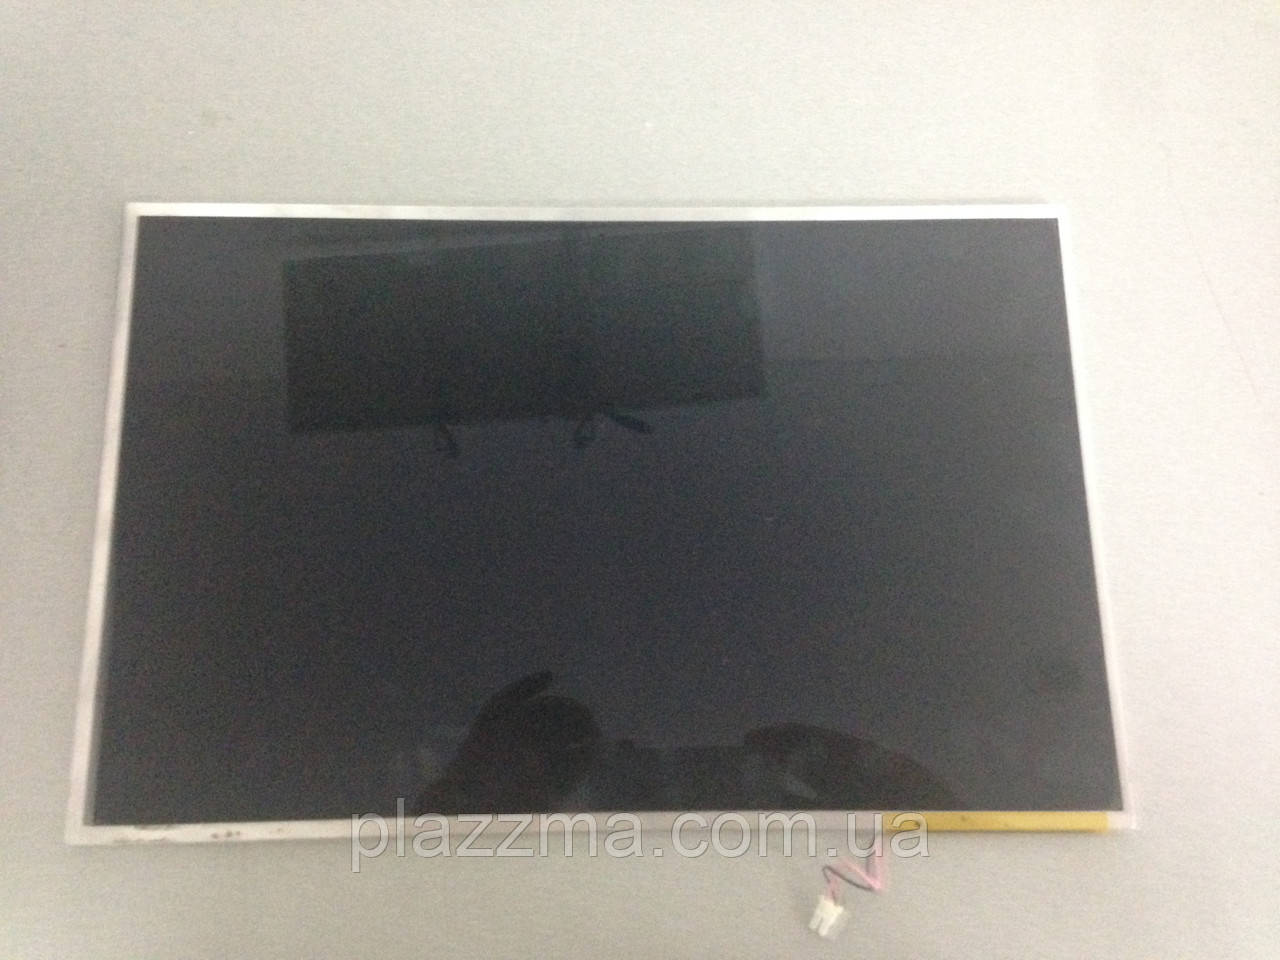 Матрица ноутбука N154I2-L02 б у б/у